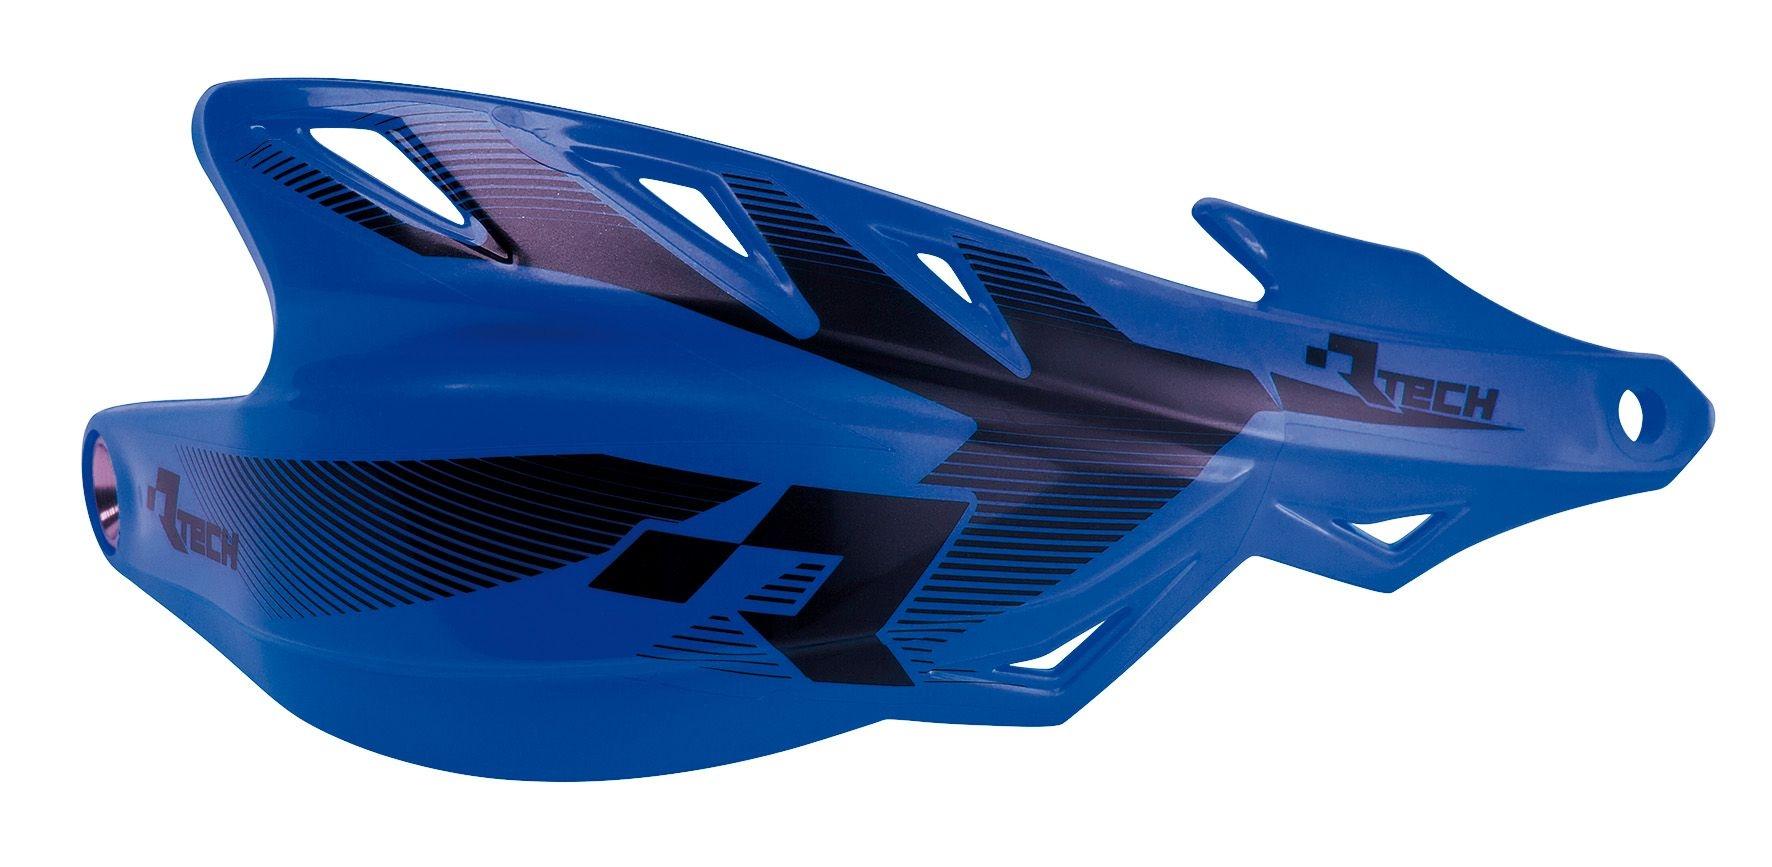 Protège-mains Racetech Raptor Bleus